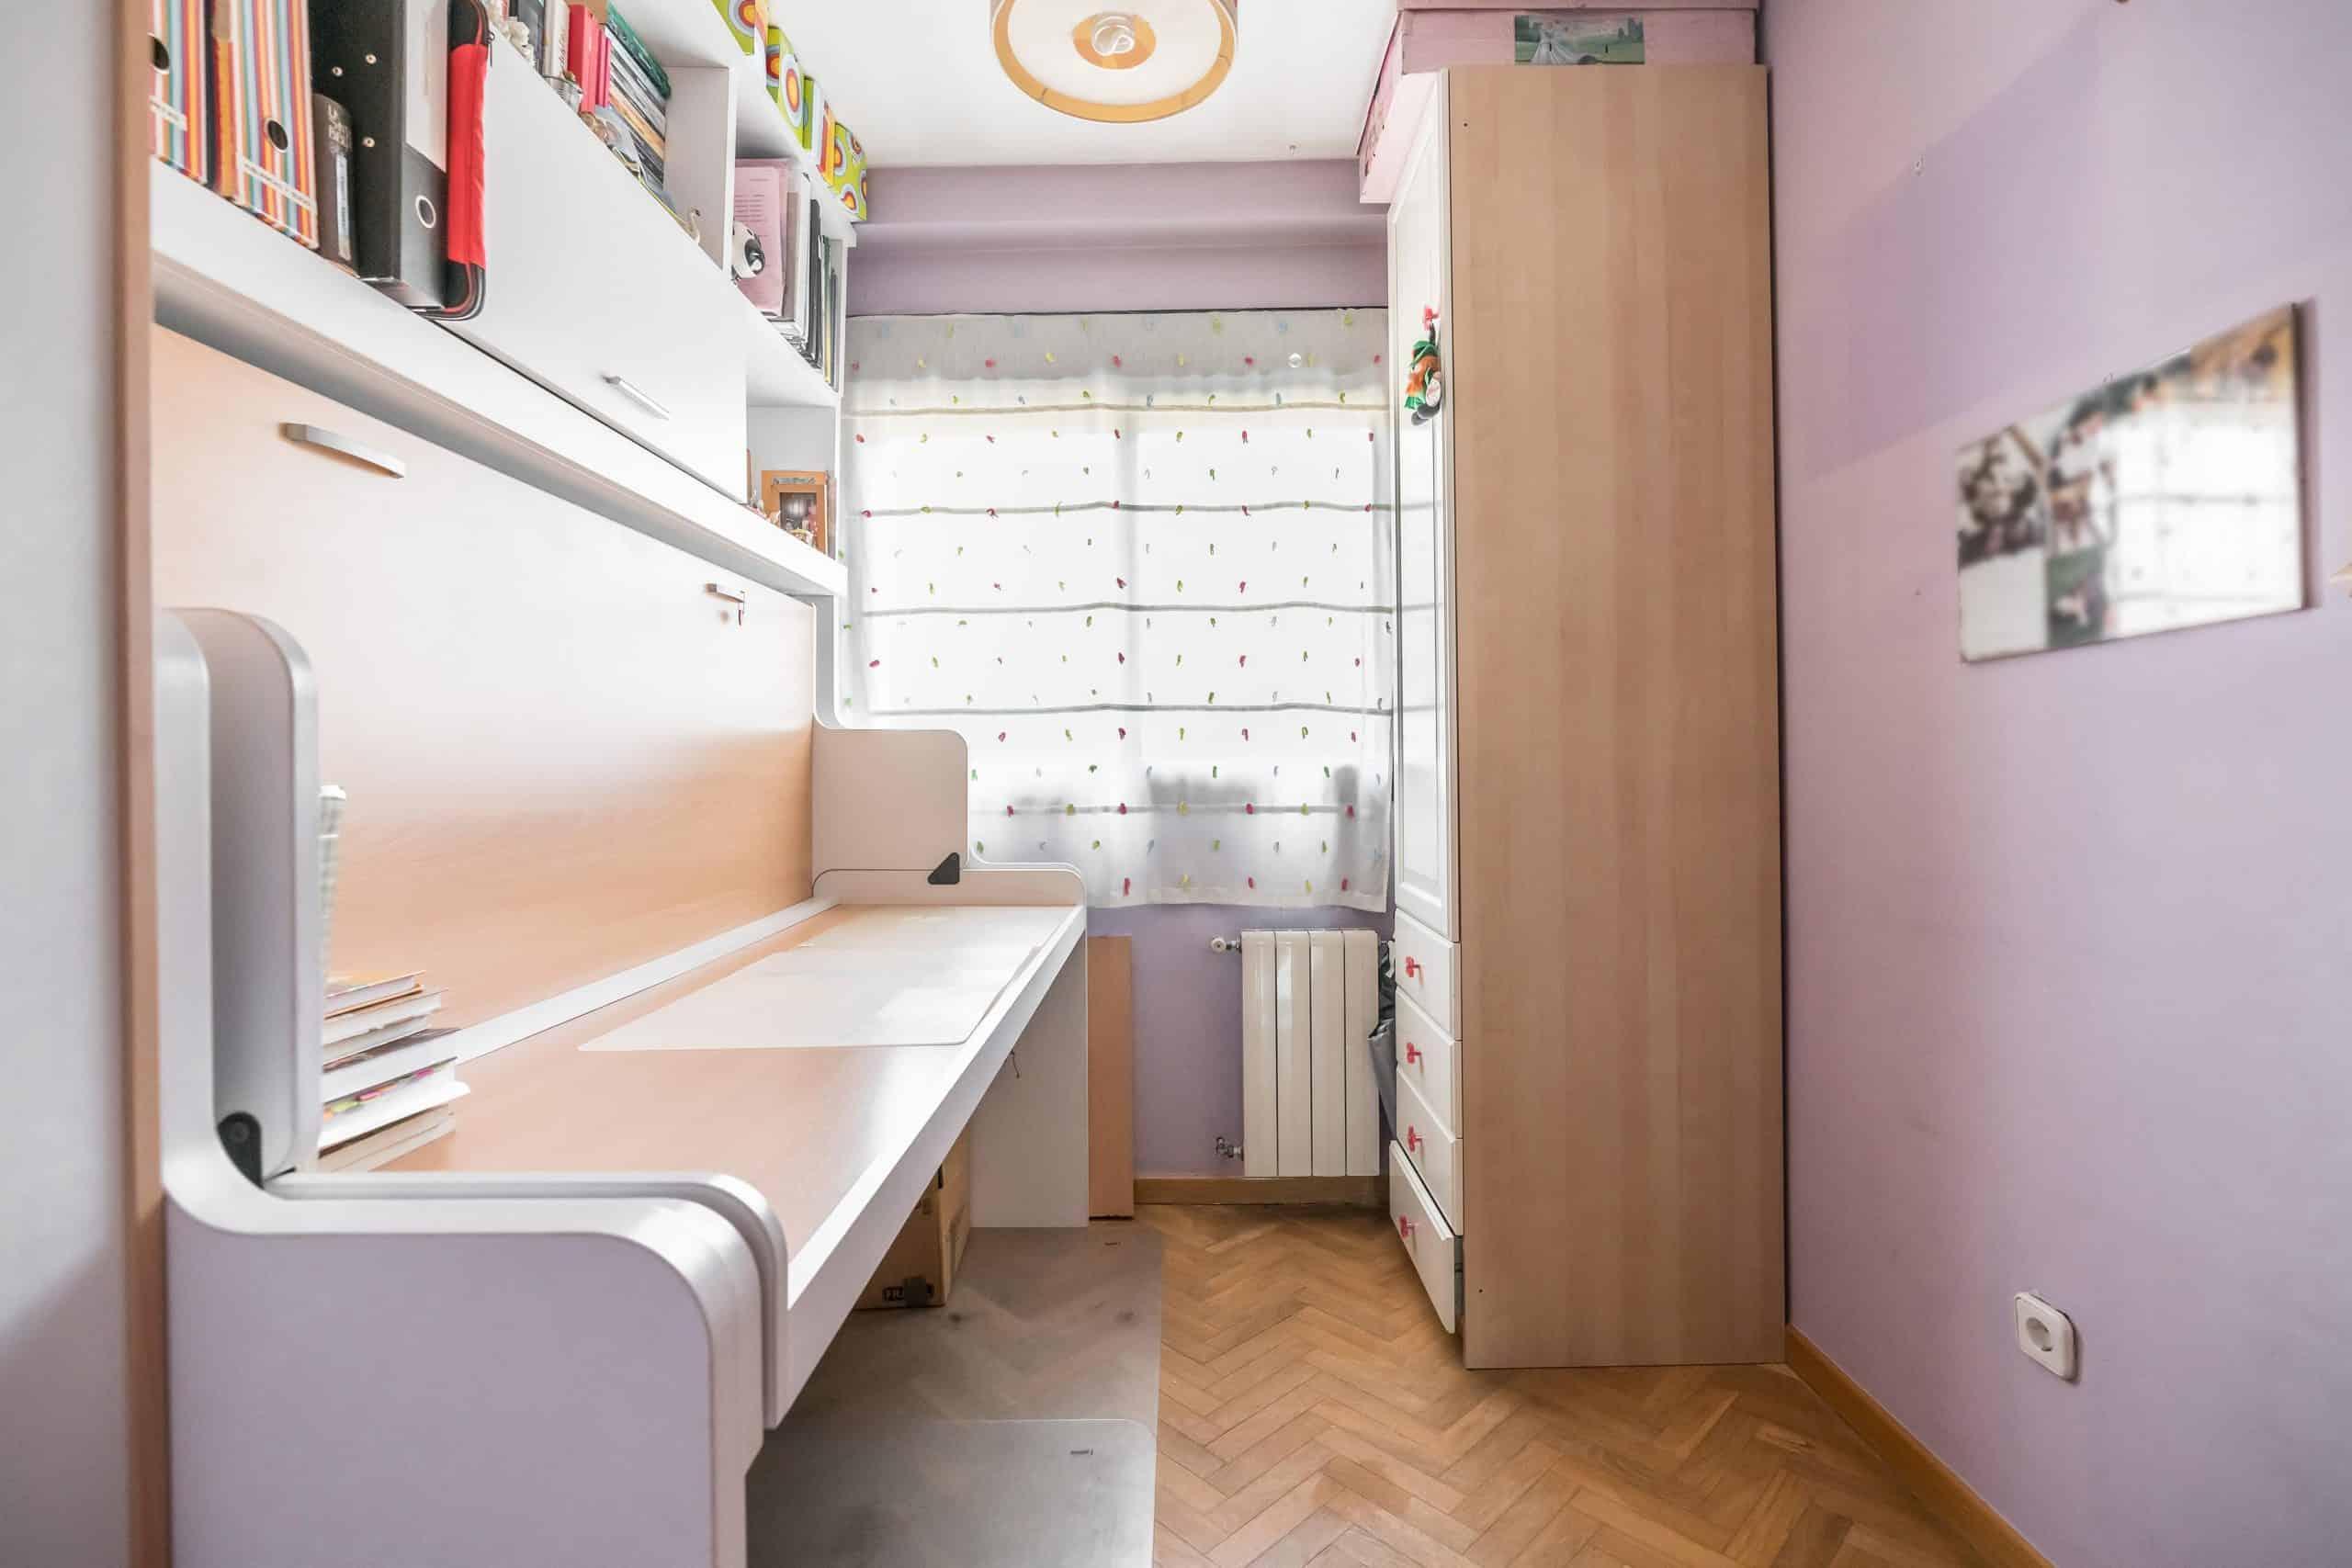 Agencia Inmobiliaria de Madrid-FUTUROCASA-Zona ARGANZUELA-EMBAJADORES-LEGAZPI2 DORMITORIO 3 (2)